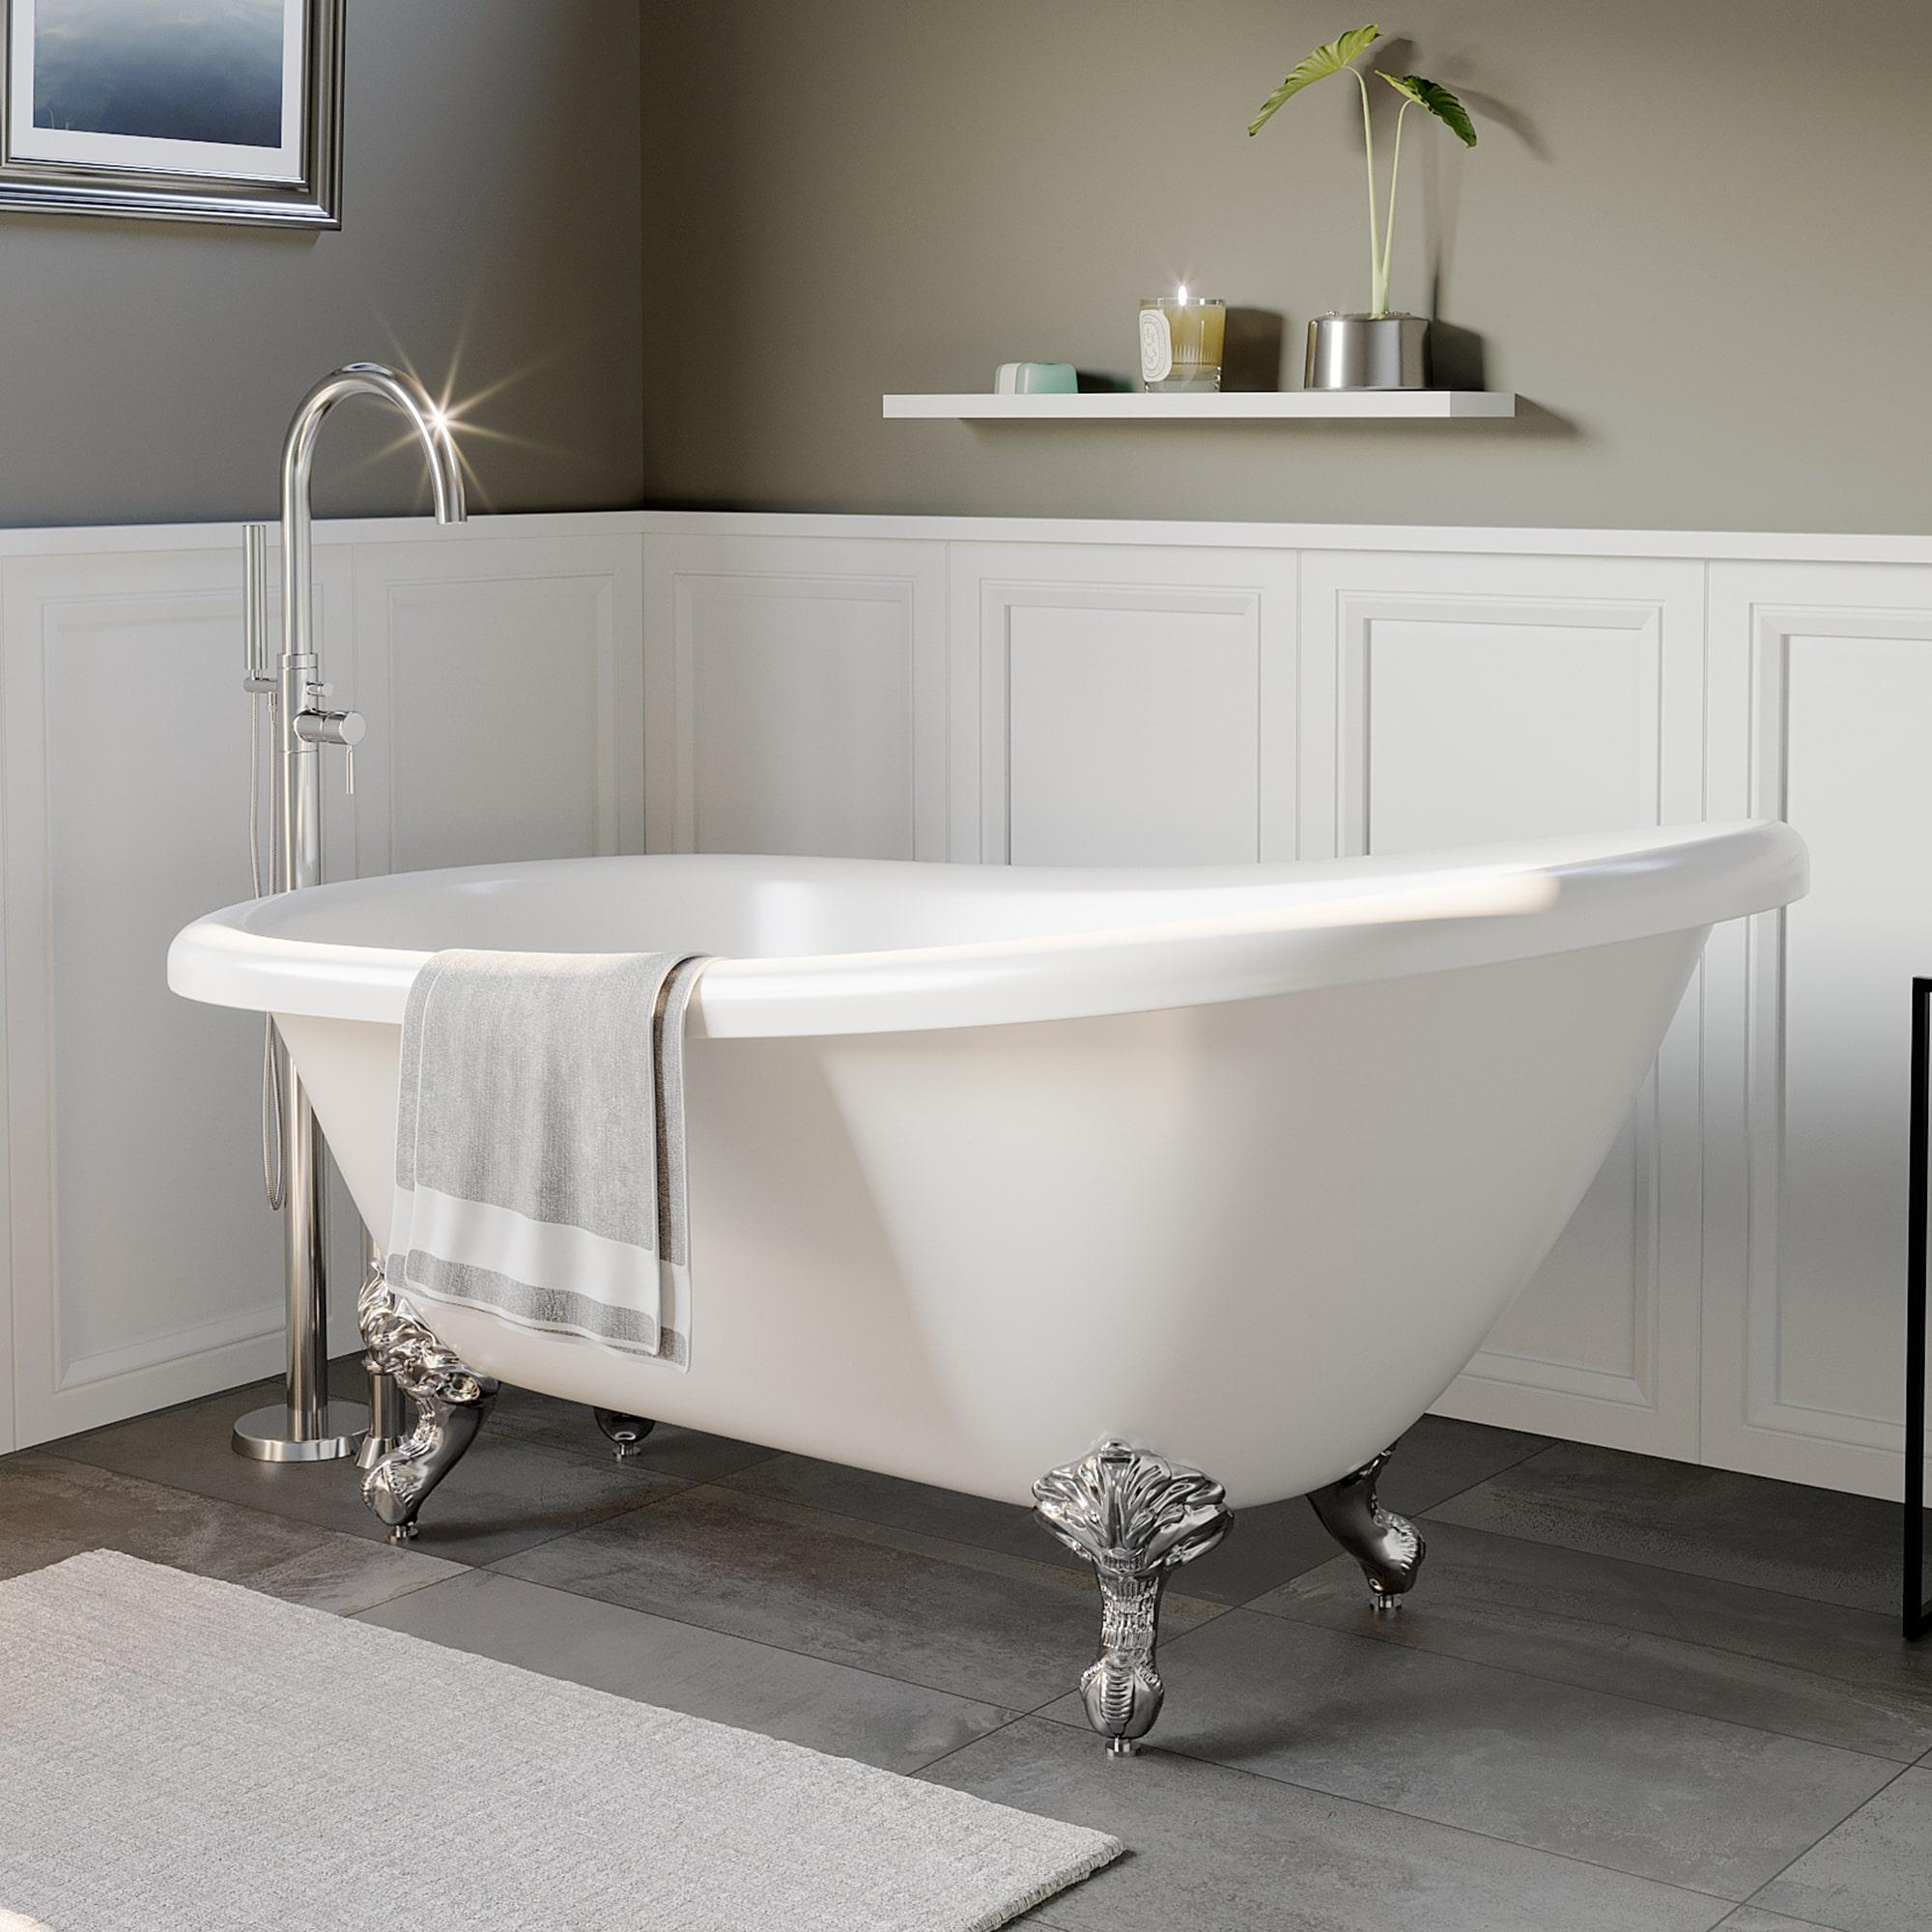 acrylic. c;lawfoot, slipper, tub,